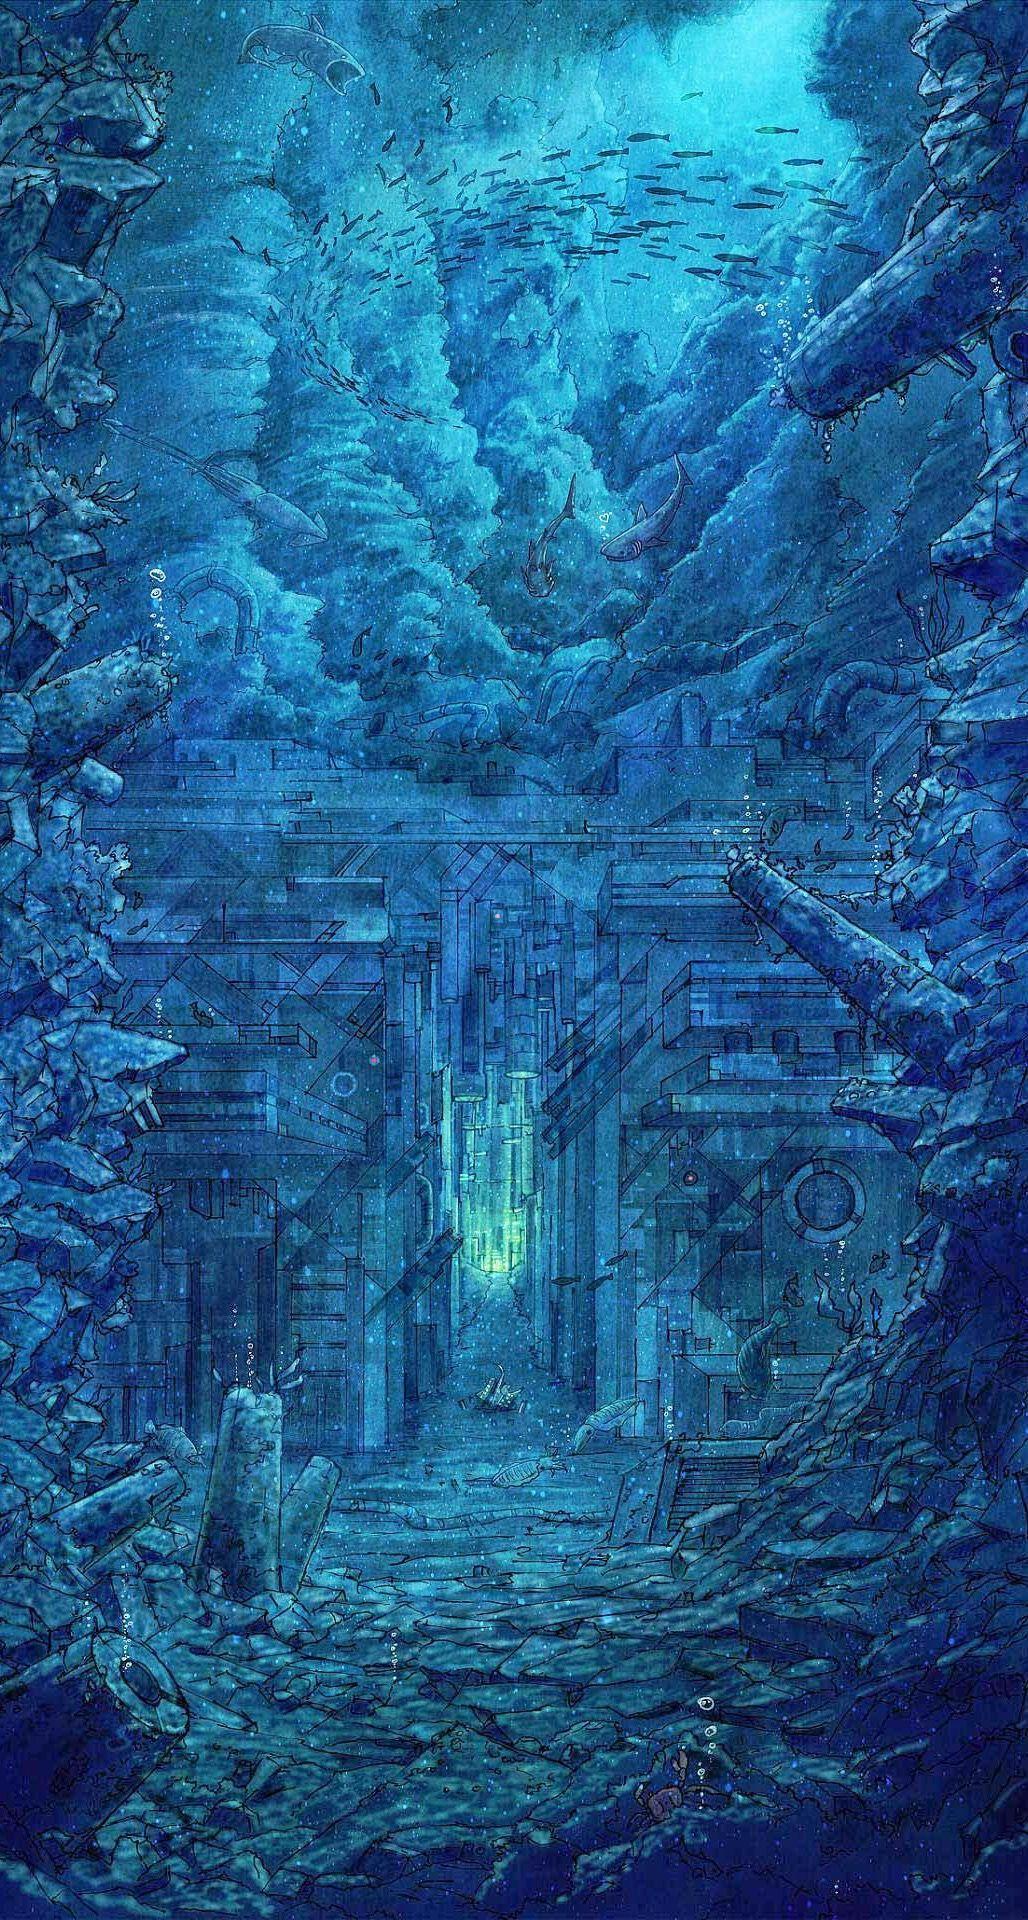 Cool Fond Decran Gratuit Science Fiction Hd Wallpaper 316 Check More At Http All Images Net Fond Decran Gratuit Sci Art Hd Phone Wallpapers Fantasy Landscape